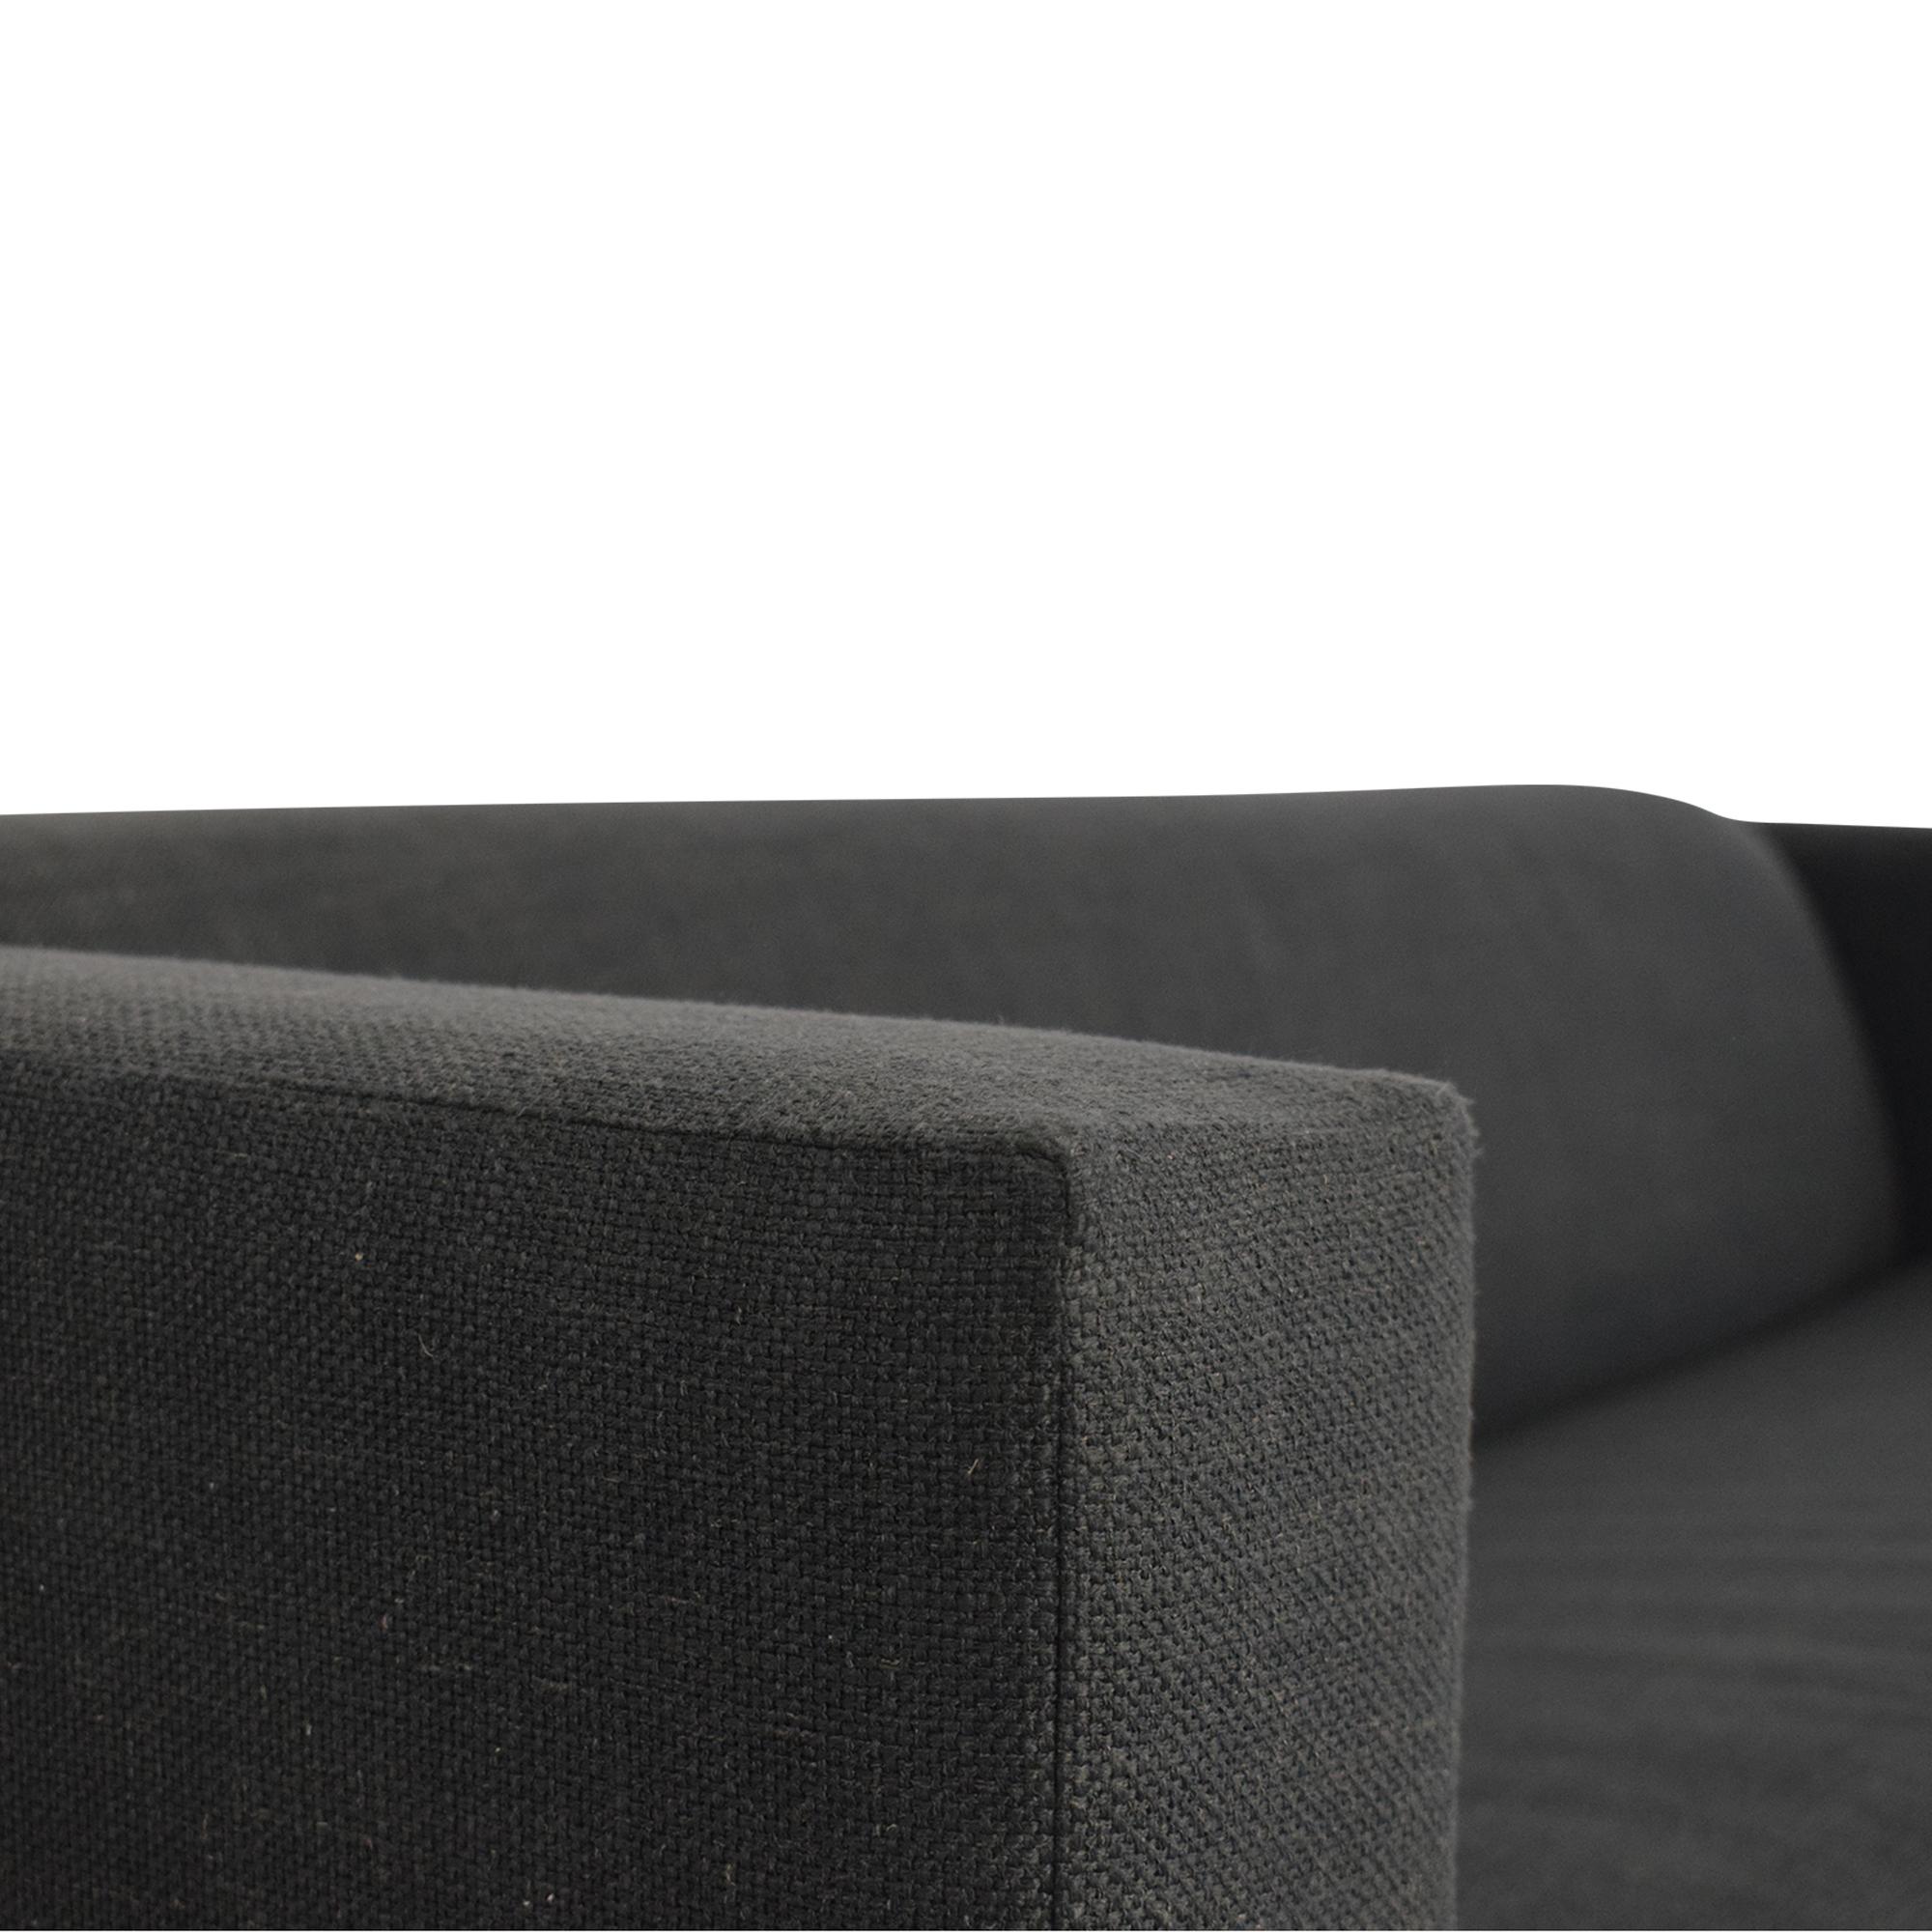 Blu Dot Blu Dot Mono Sleeper Sofa dark gray